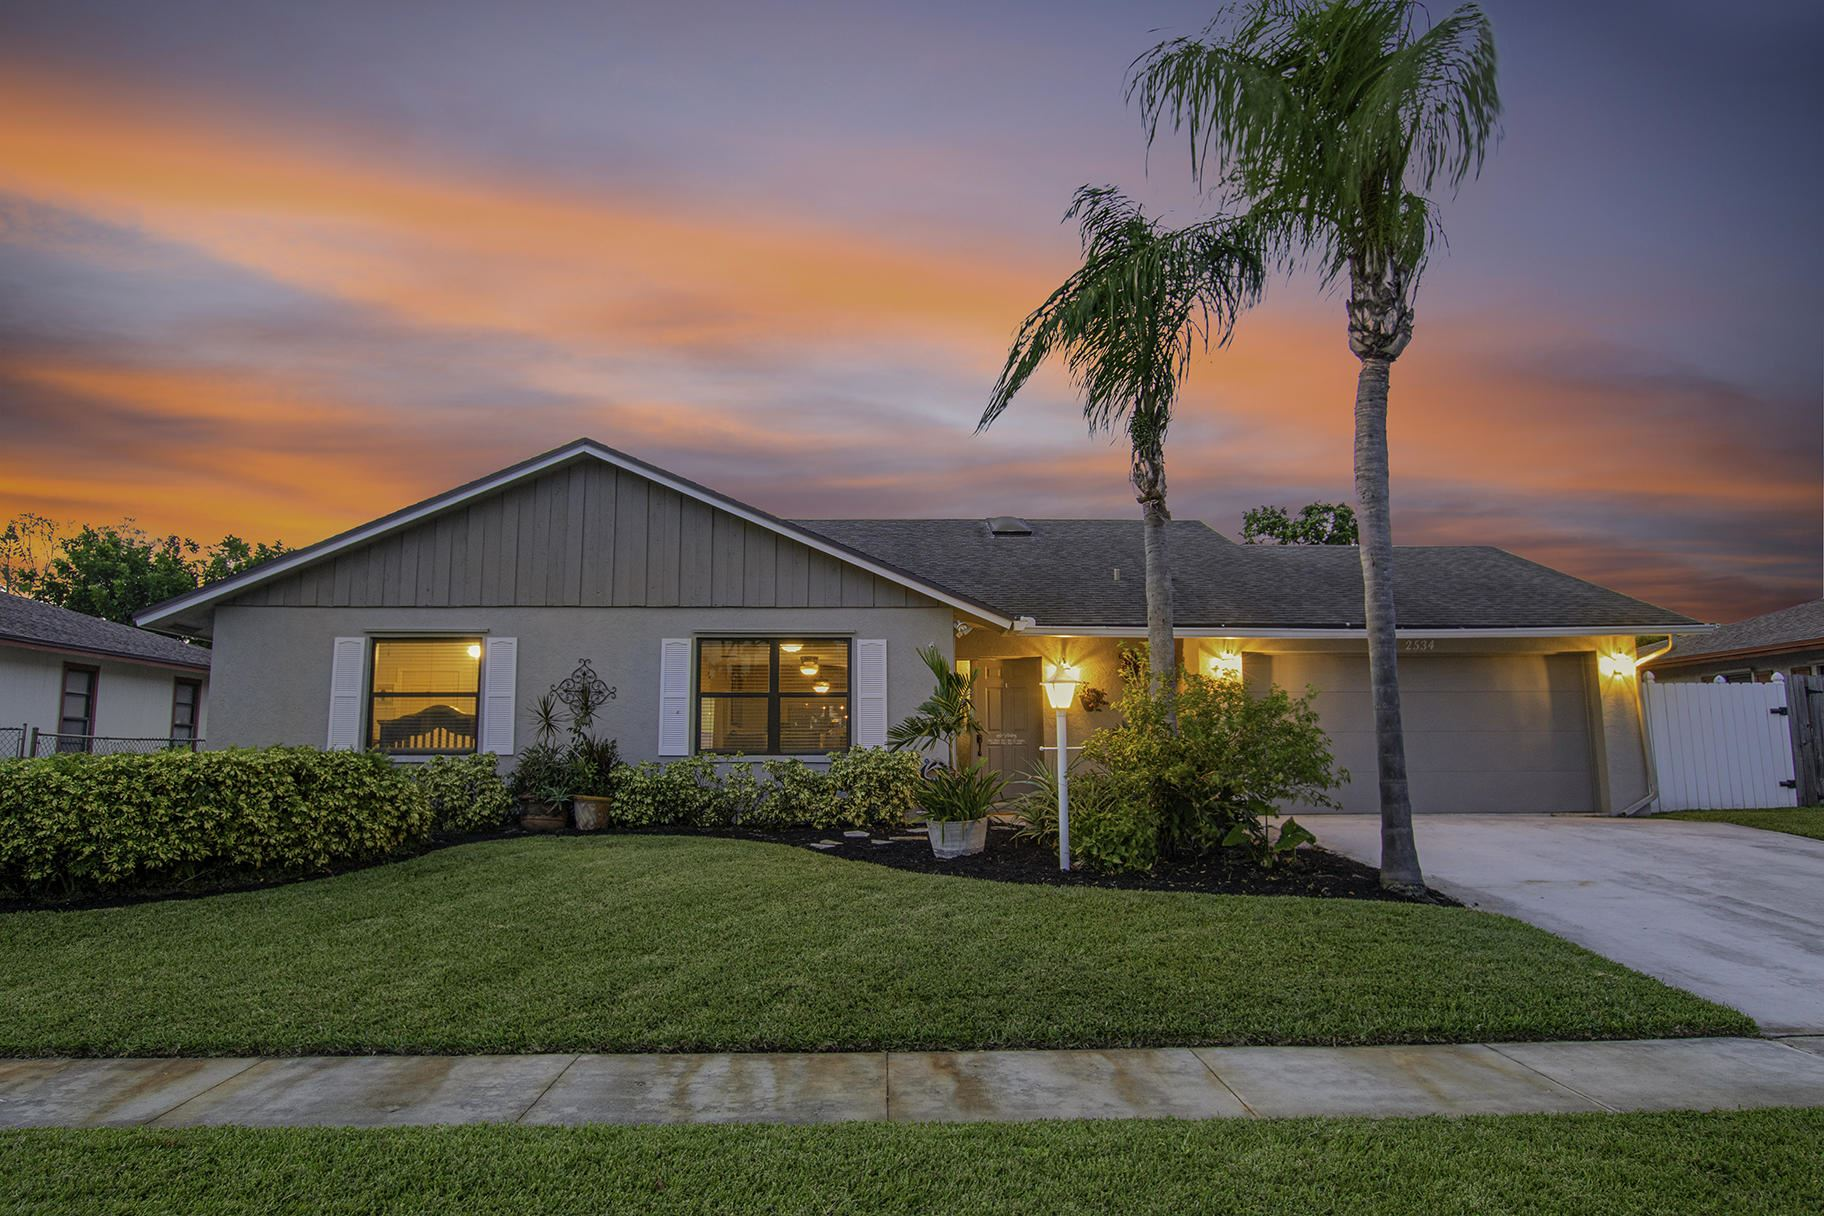 Photo of 2534 Maniki Drive, Riviera Beach, FL 33407 (MLS # RX-10656643)